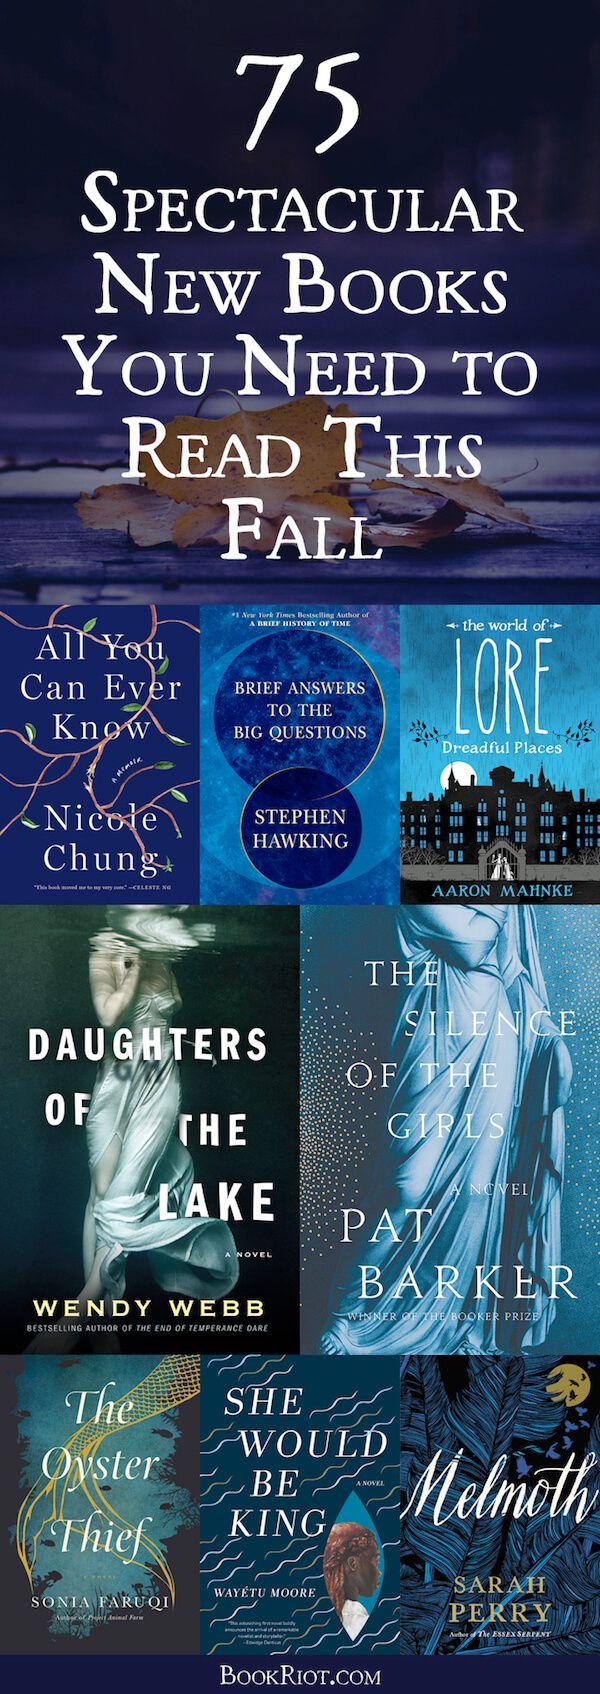 75 nouveaux livres spectaculaires à lire cet automne  – { parchment girl }